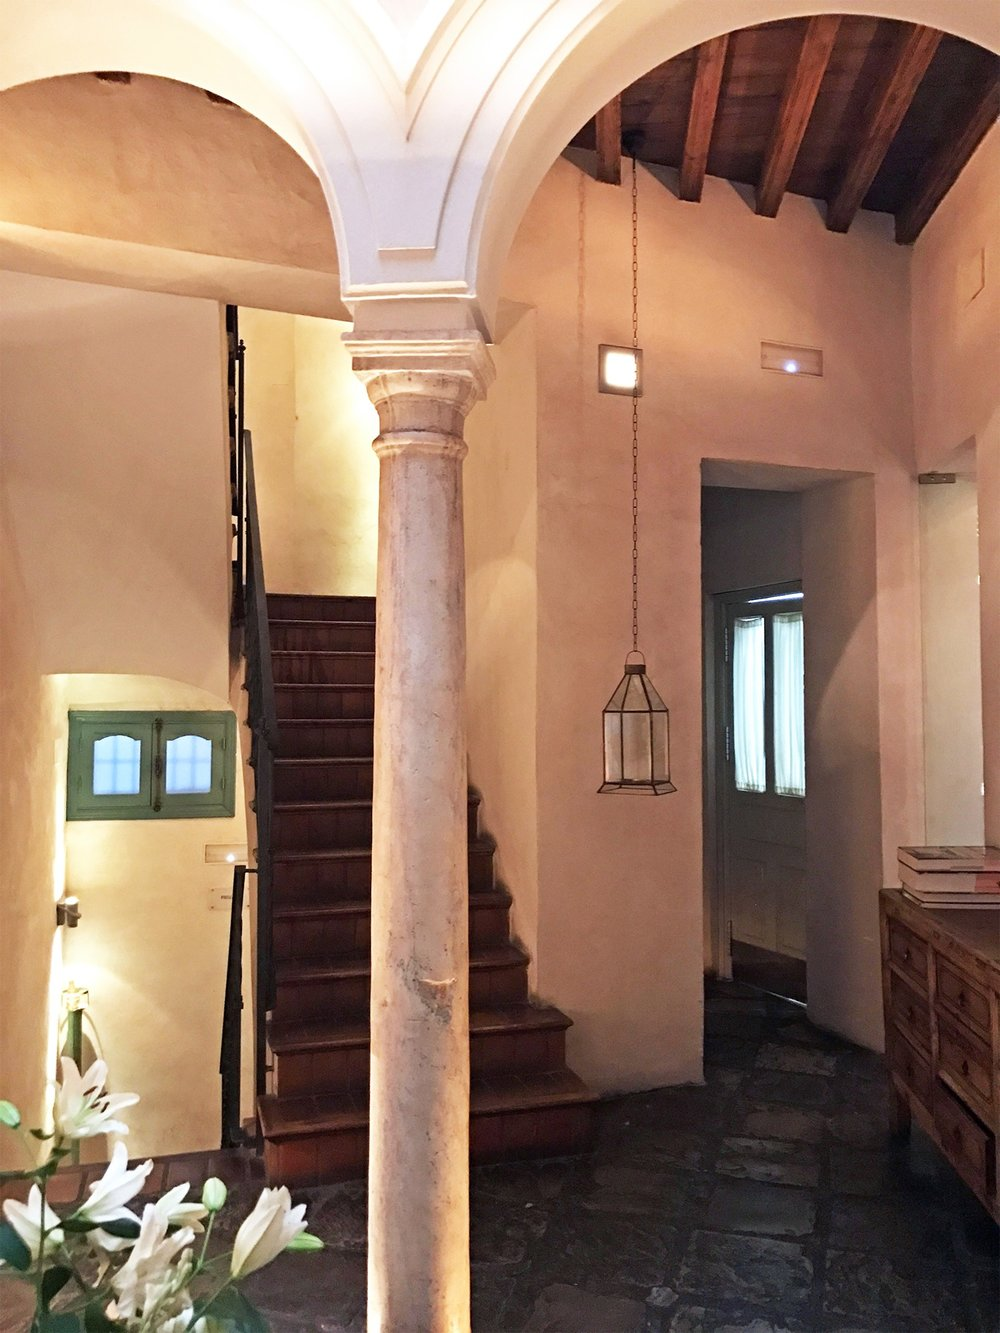 Corral del Rey hotel Seville Spain foyer.jpg